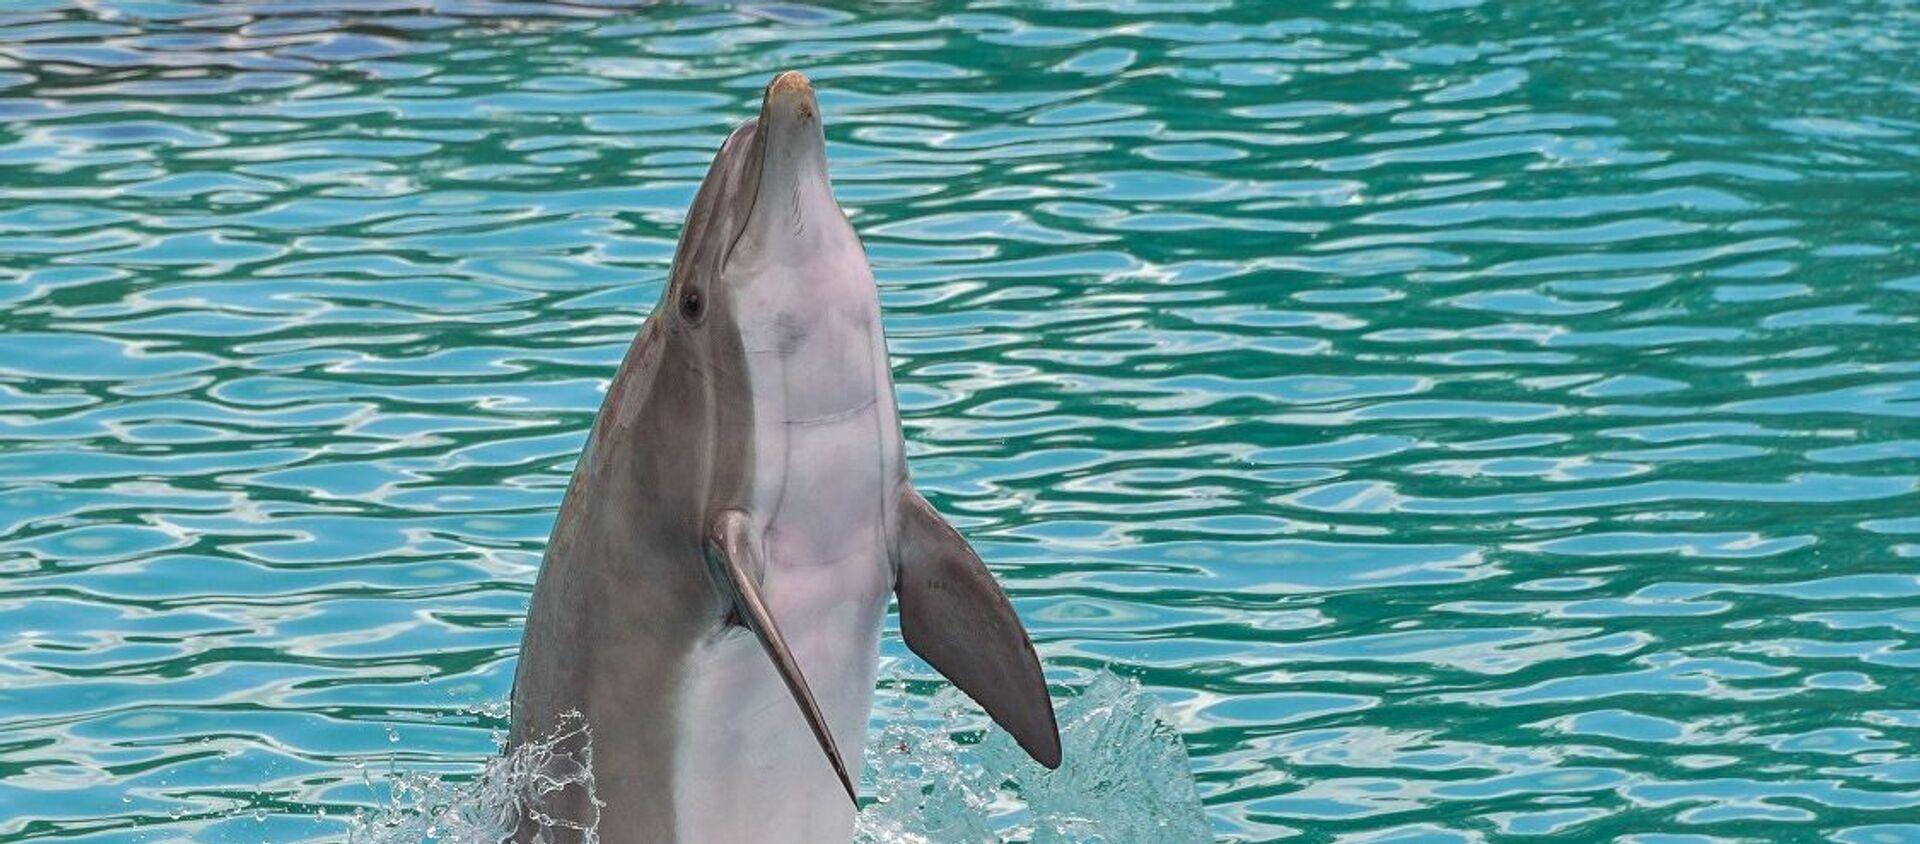 Дельфин - Sputnik Абхазия, 1920, 10.06.2019